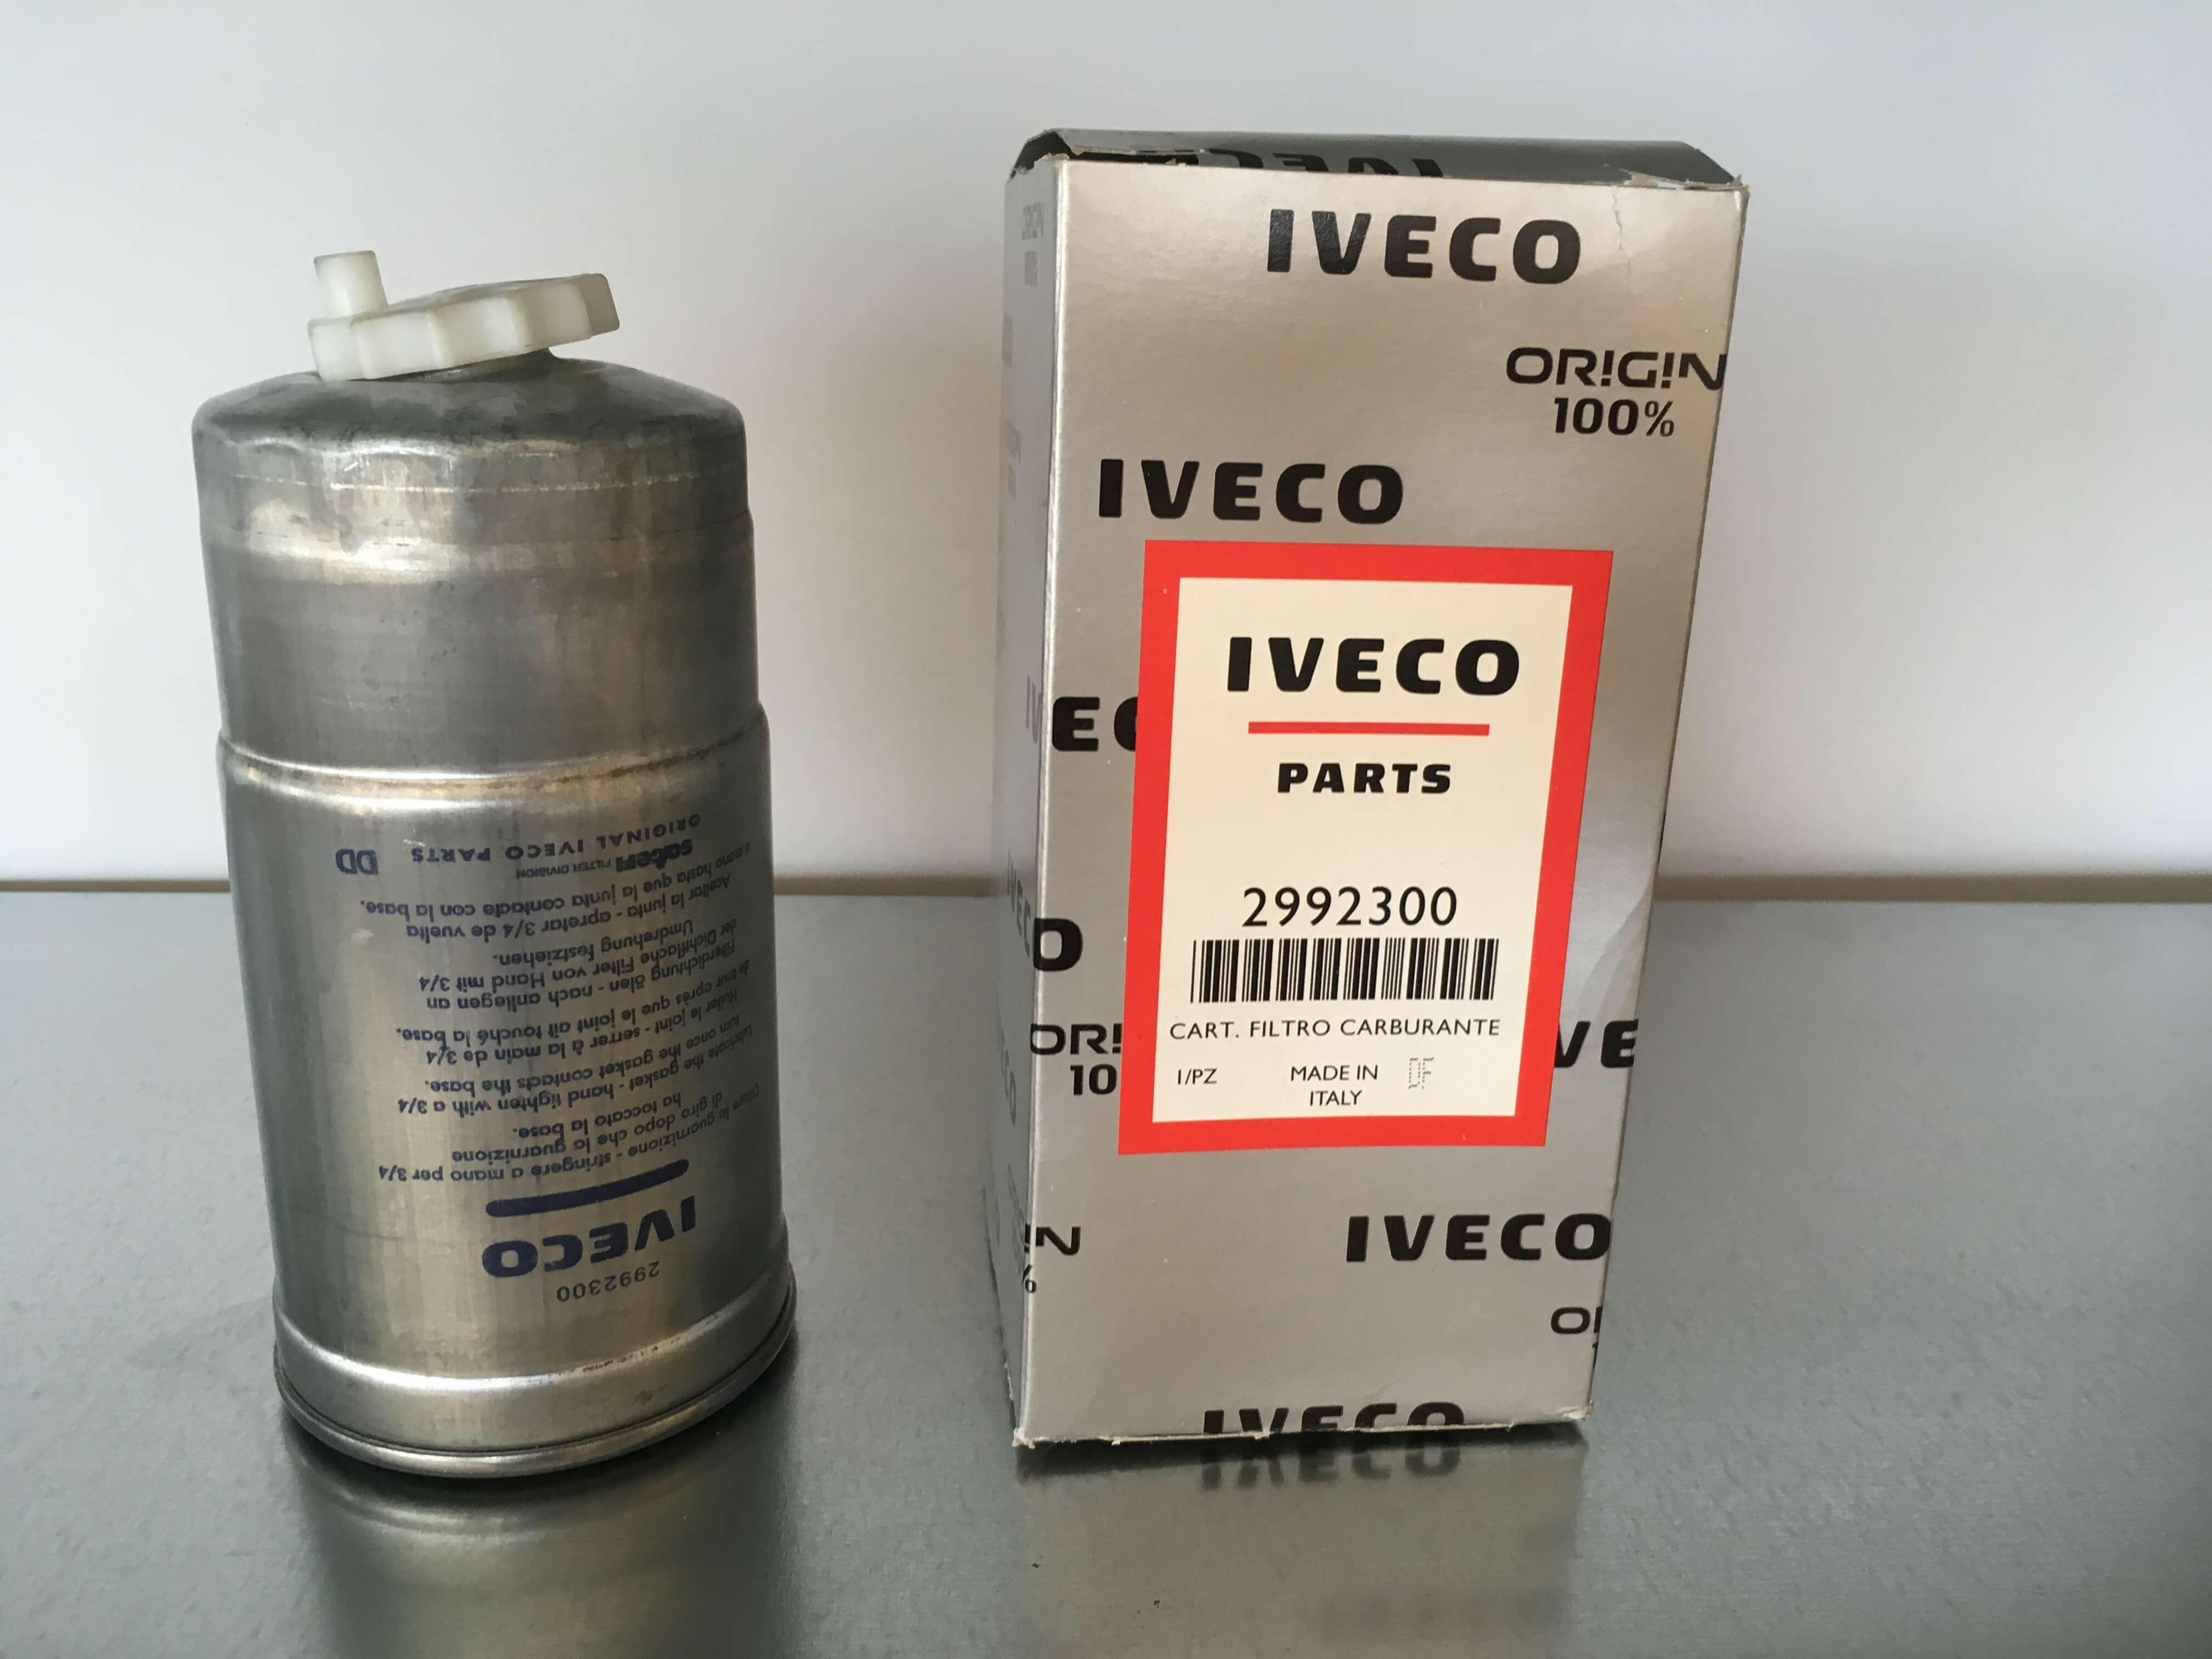 2992300 Filtro combustible IVECO. Venta de recambios para camiones en SCAORTIZ - Filtro combustible IVECO. Referencia 2992300